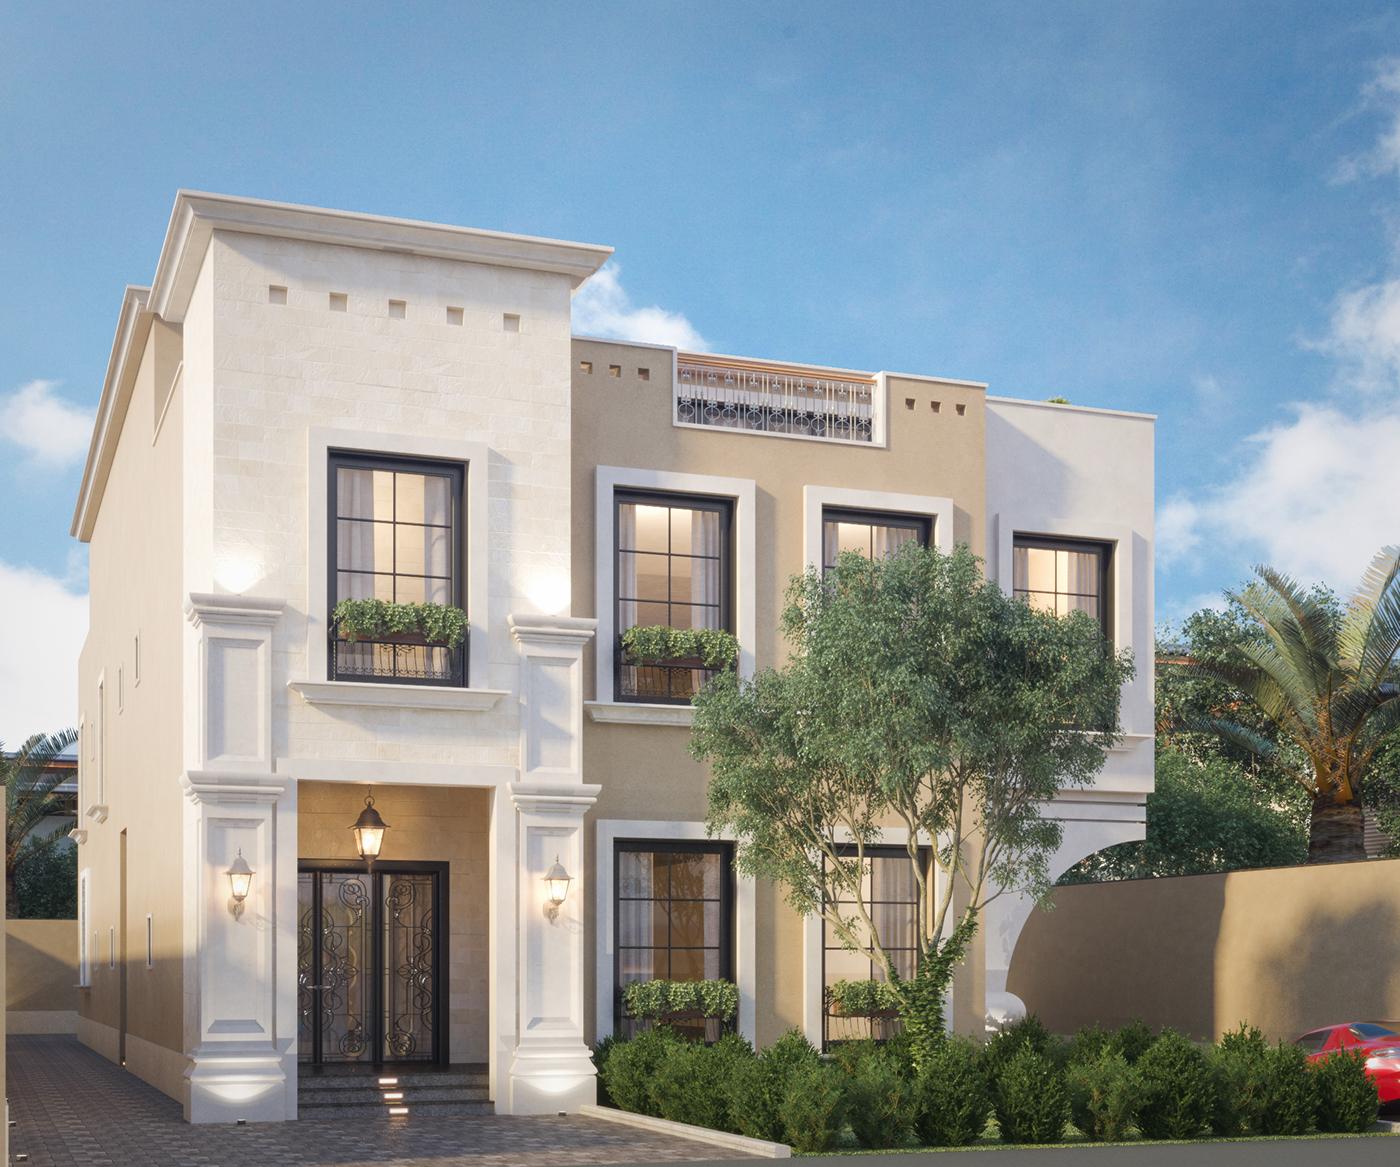 Villa house exterior